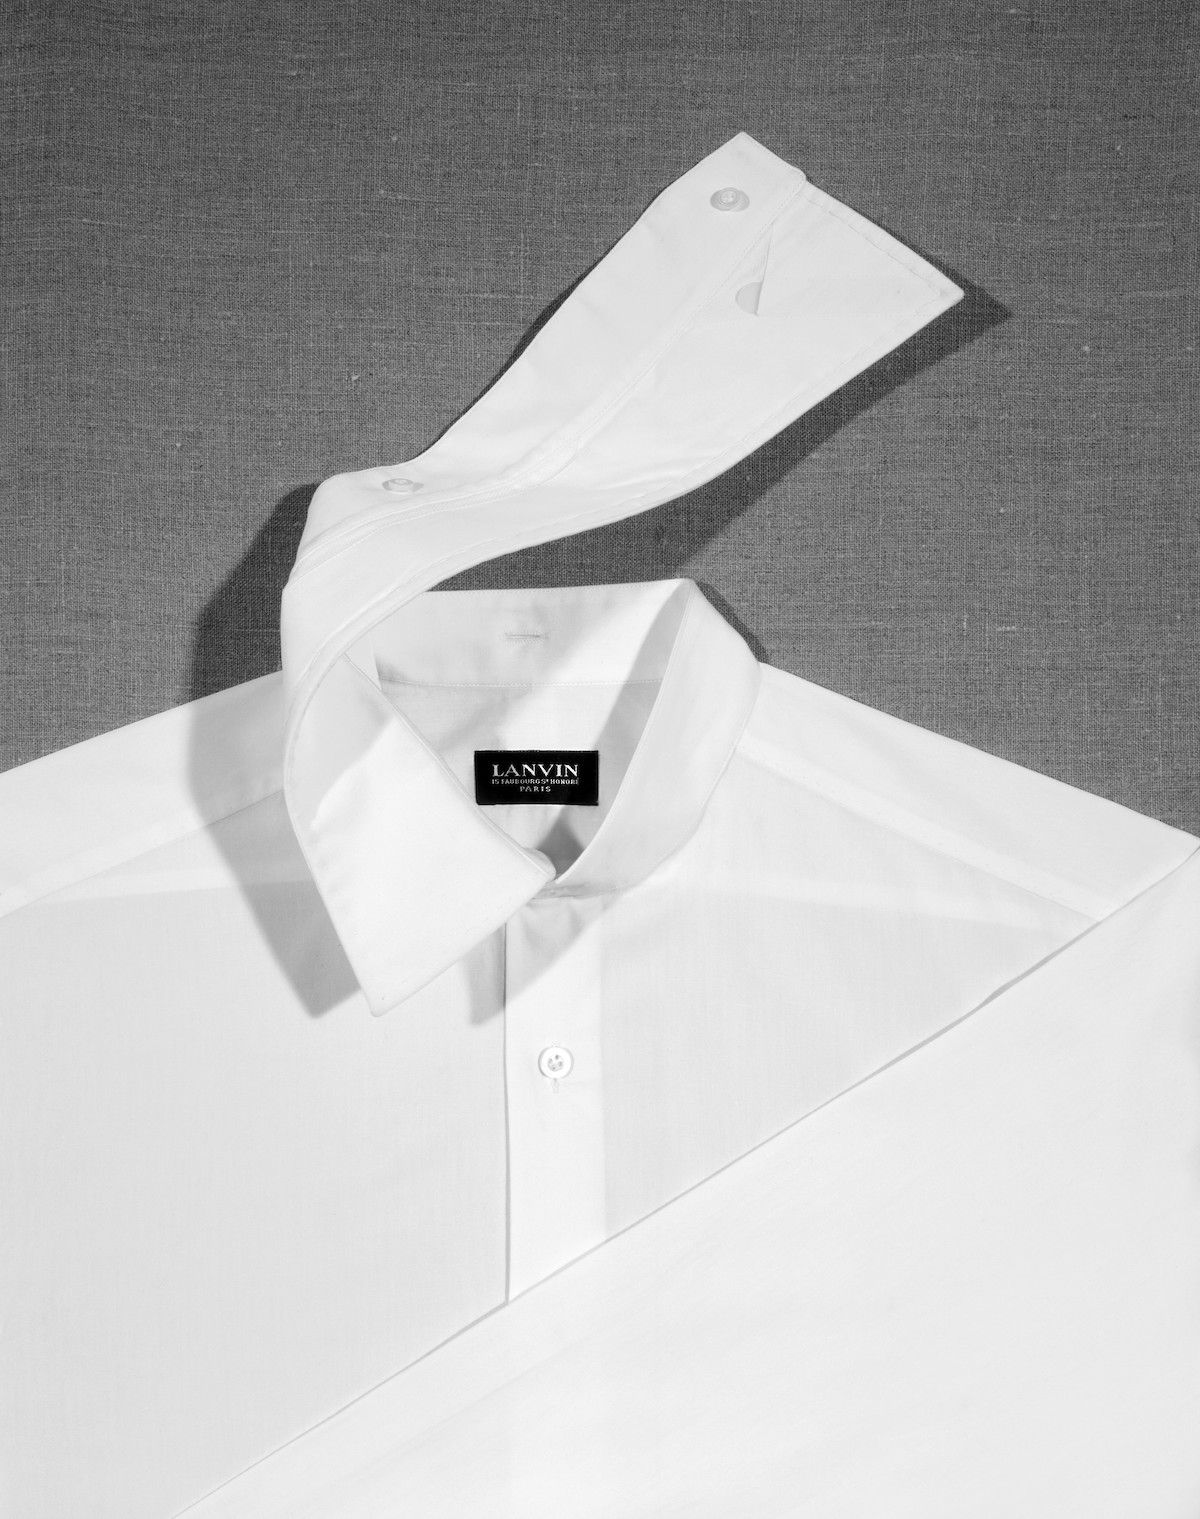 2018 Mode Neu Herren Hemden lanvin Hemd Gut verkauft